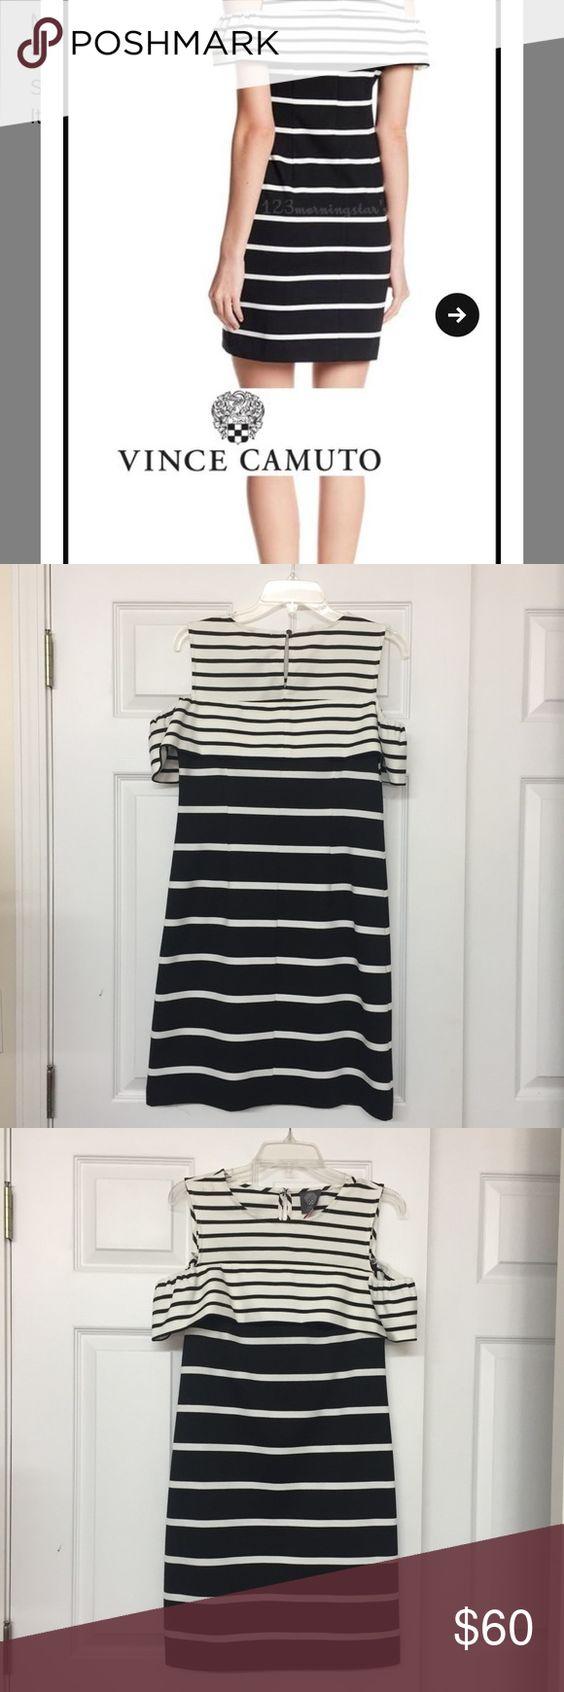 Vince Camuto Striped Cold Shoulder Shift Dress Black And White Striped Shift Dress With Cold Shoulder Cold Shoulder Shift Dress Shift Dress Striped Shift Dress [ 1692 x 564 Pixel ]